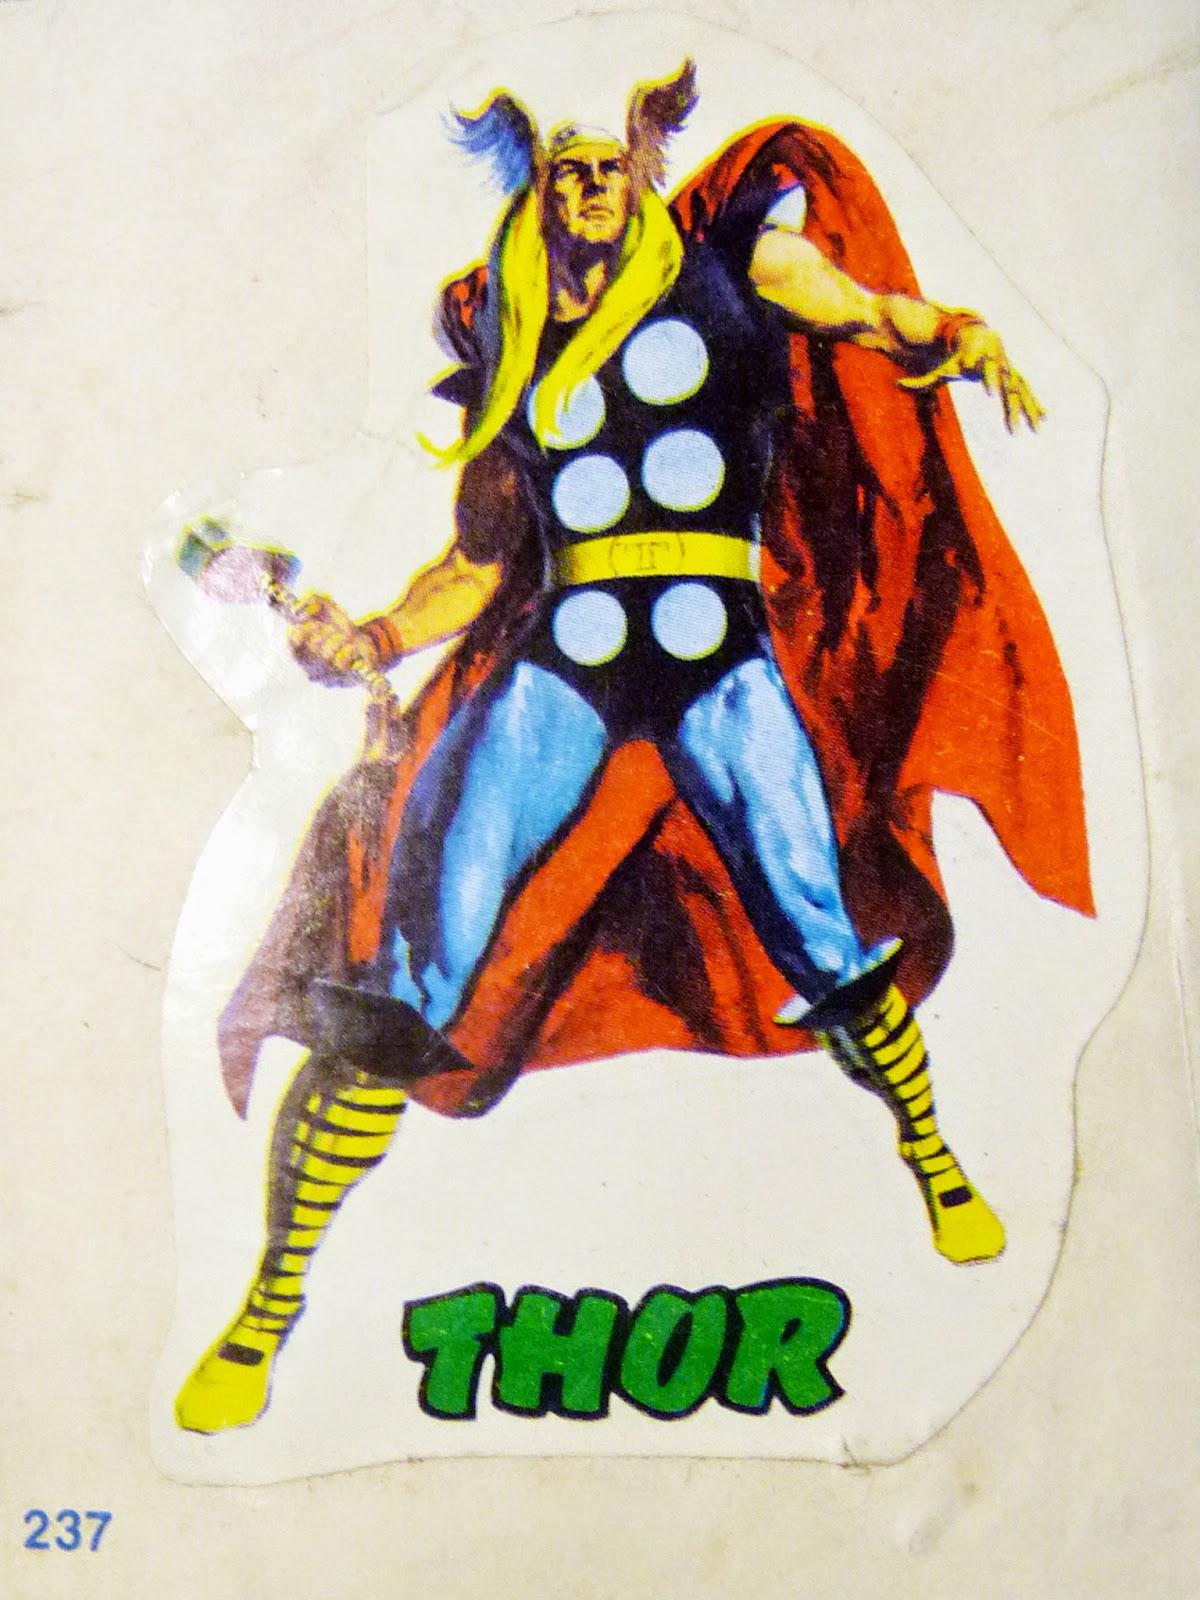 Thor S Chocolates Best Price